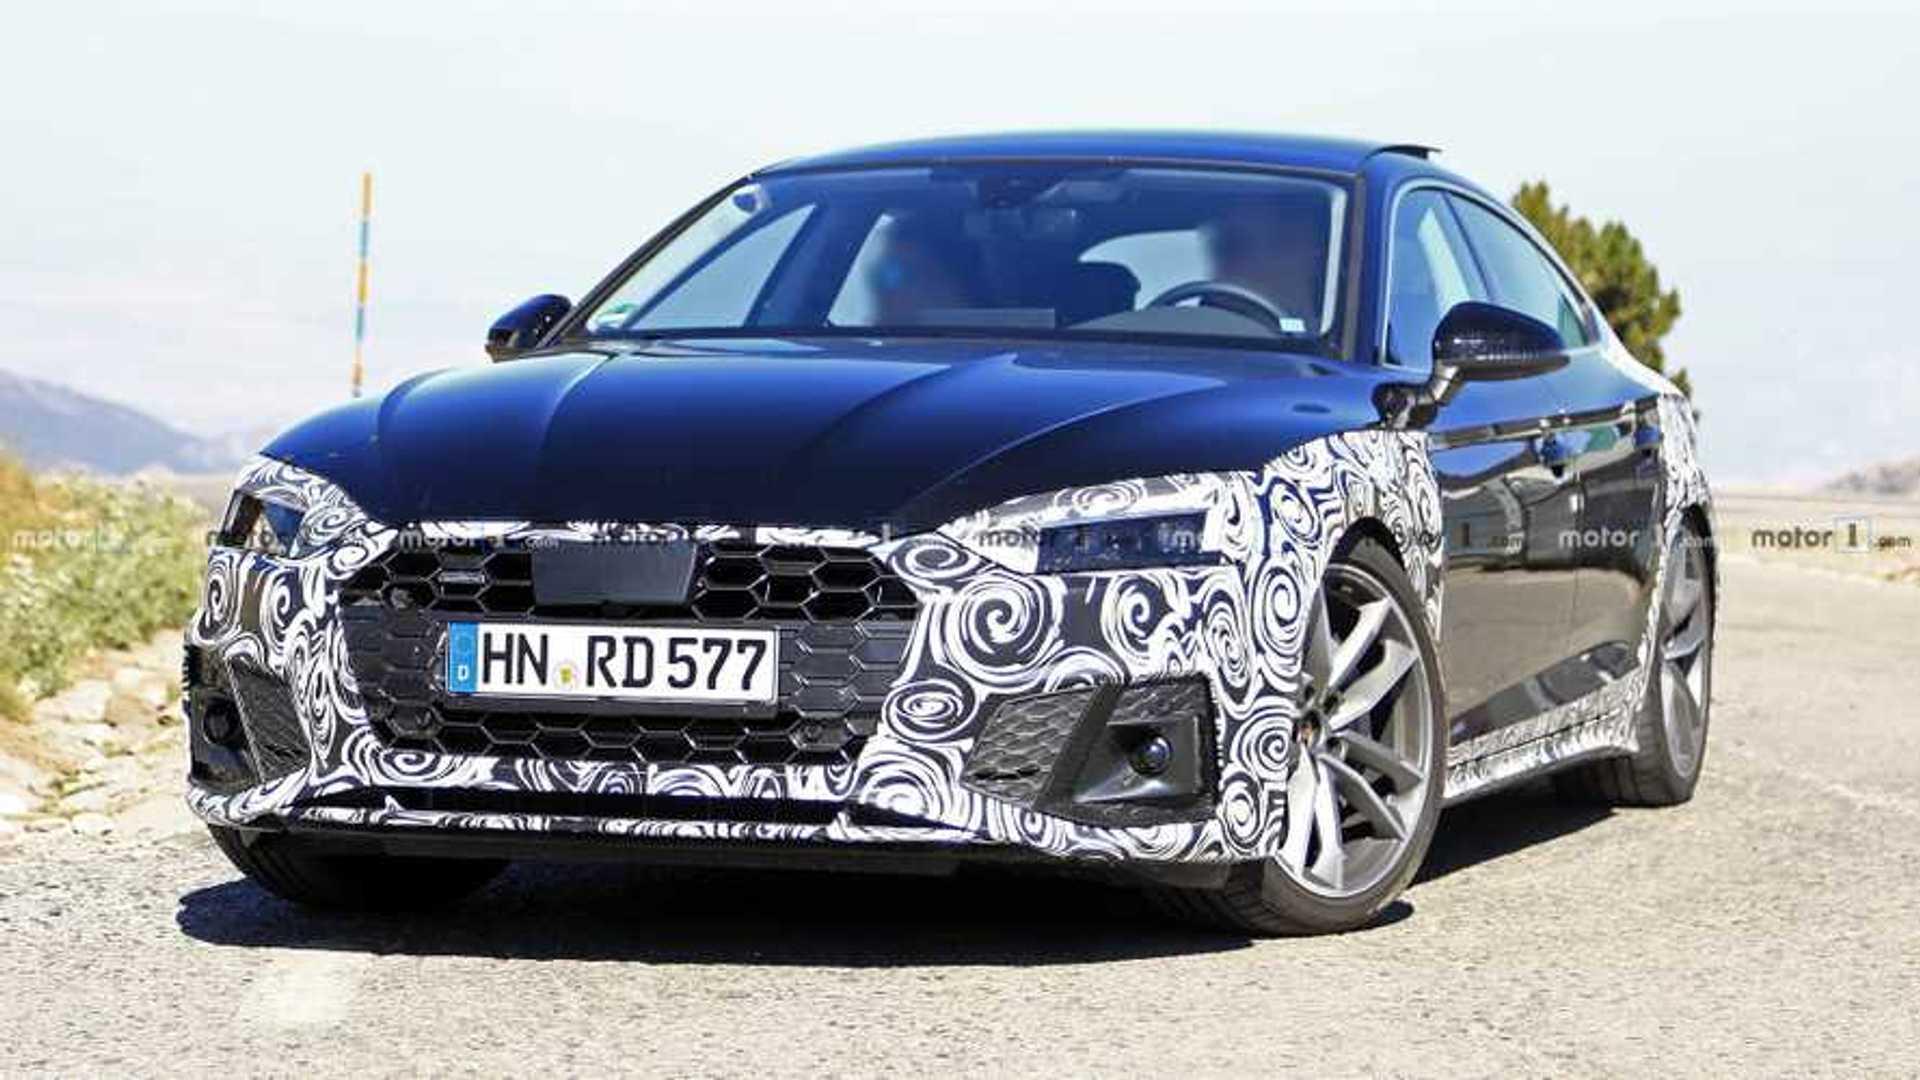 2020 - [Audi] A5 Coupé/Cab/SB restylée Audi-a5-sportback-facelift-spy-photo